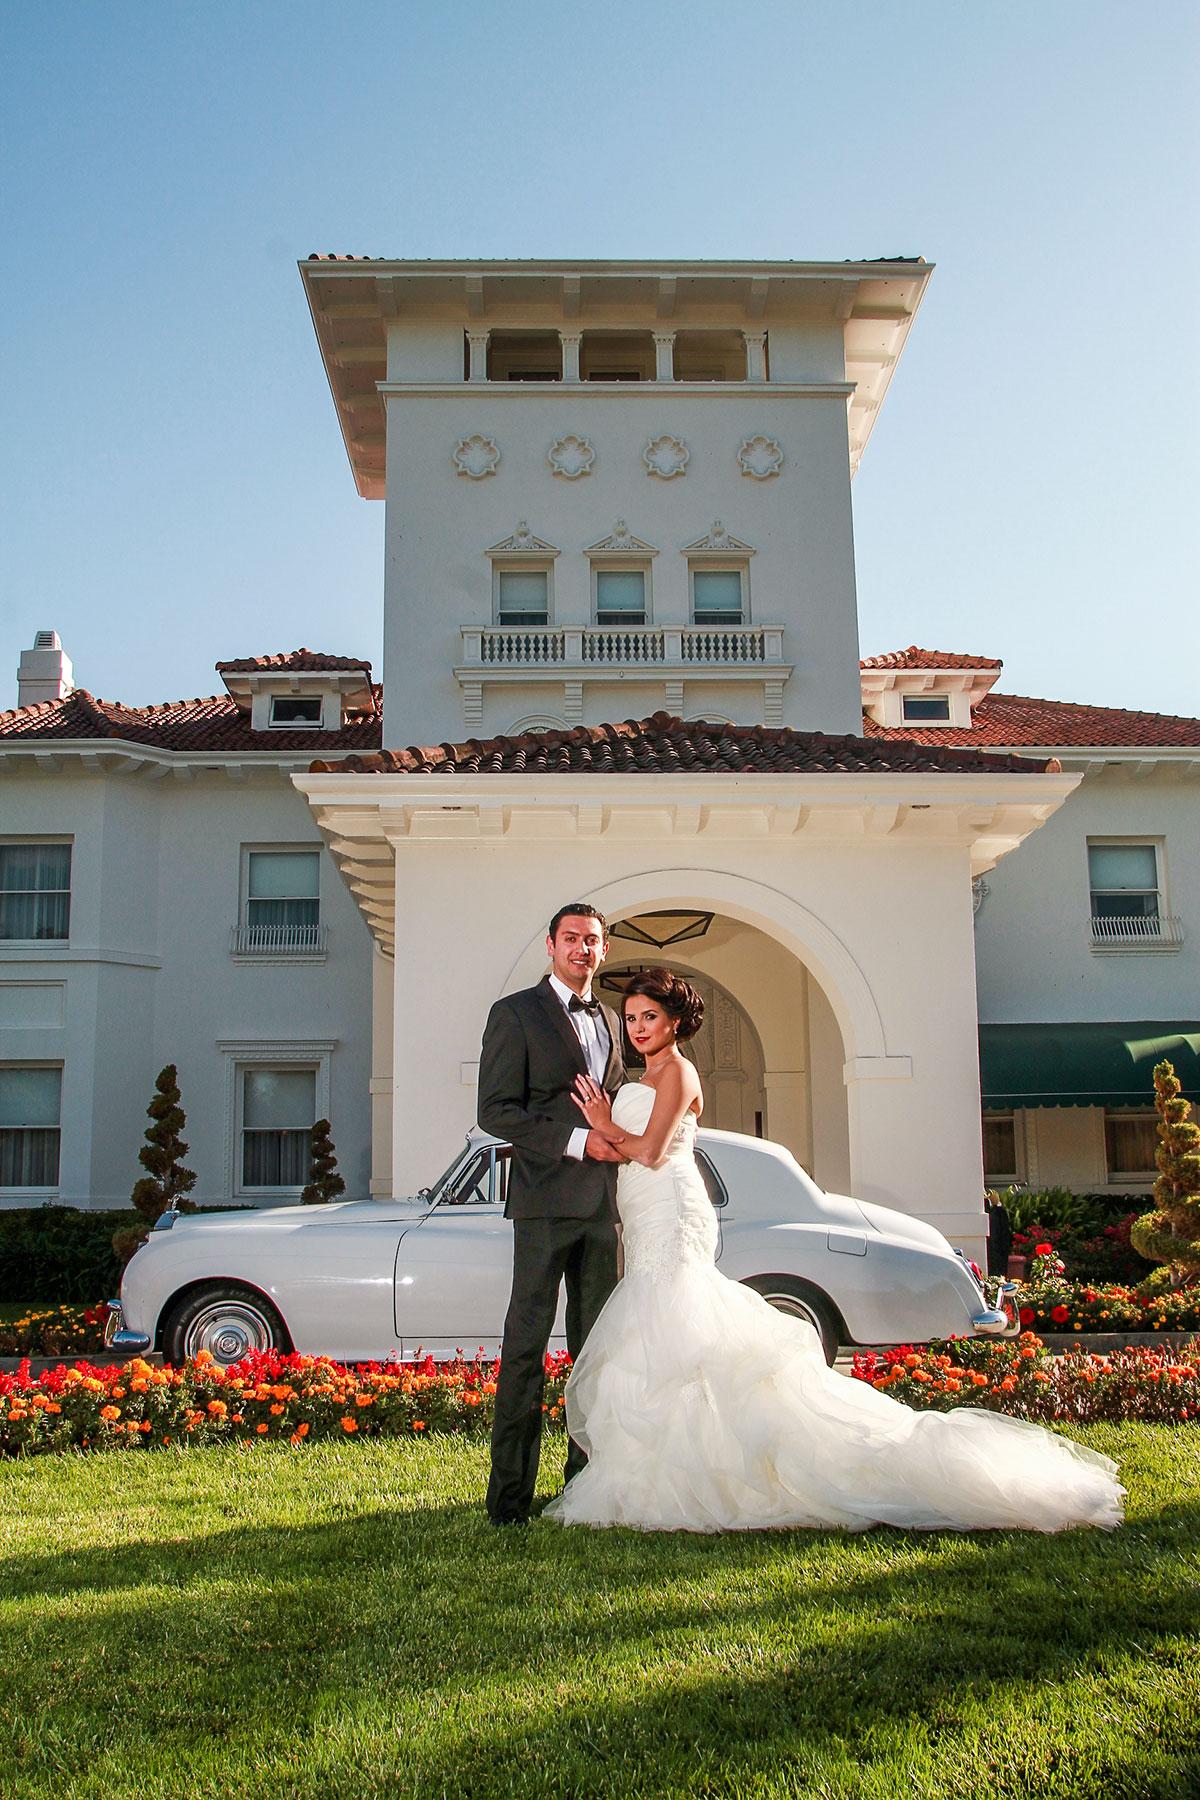 Wedding_Chicago_Ali_Hengameh_007.jpg